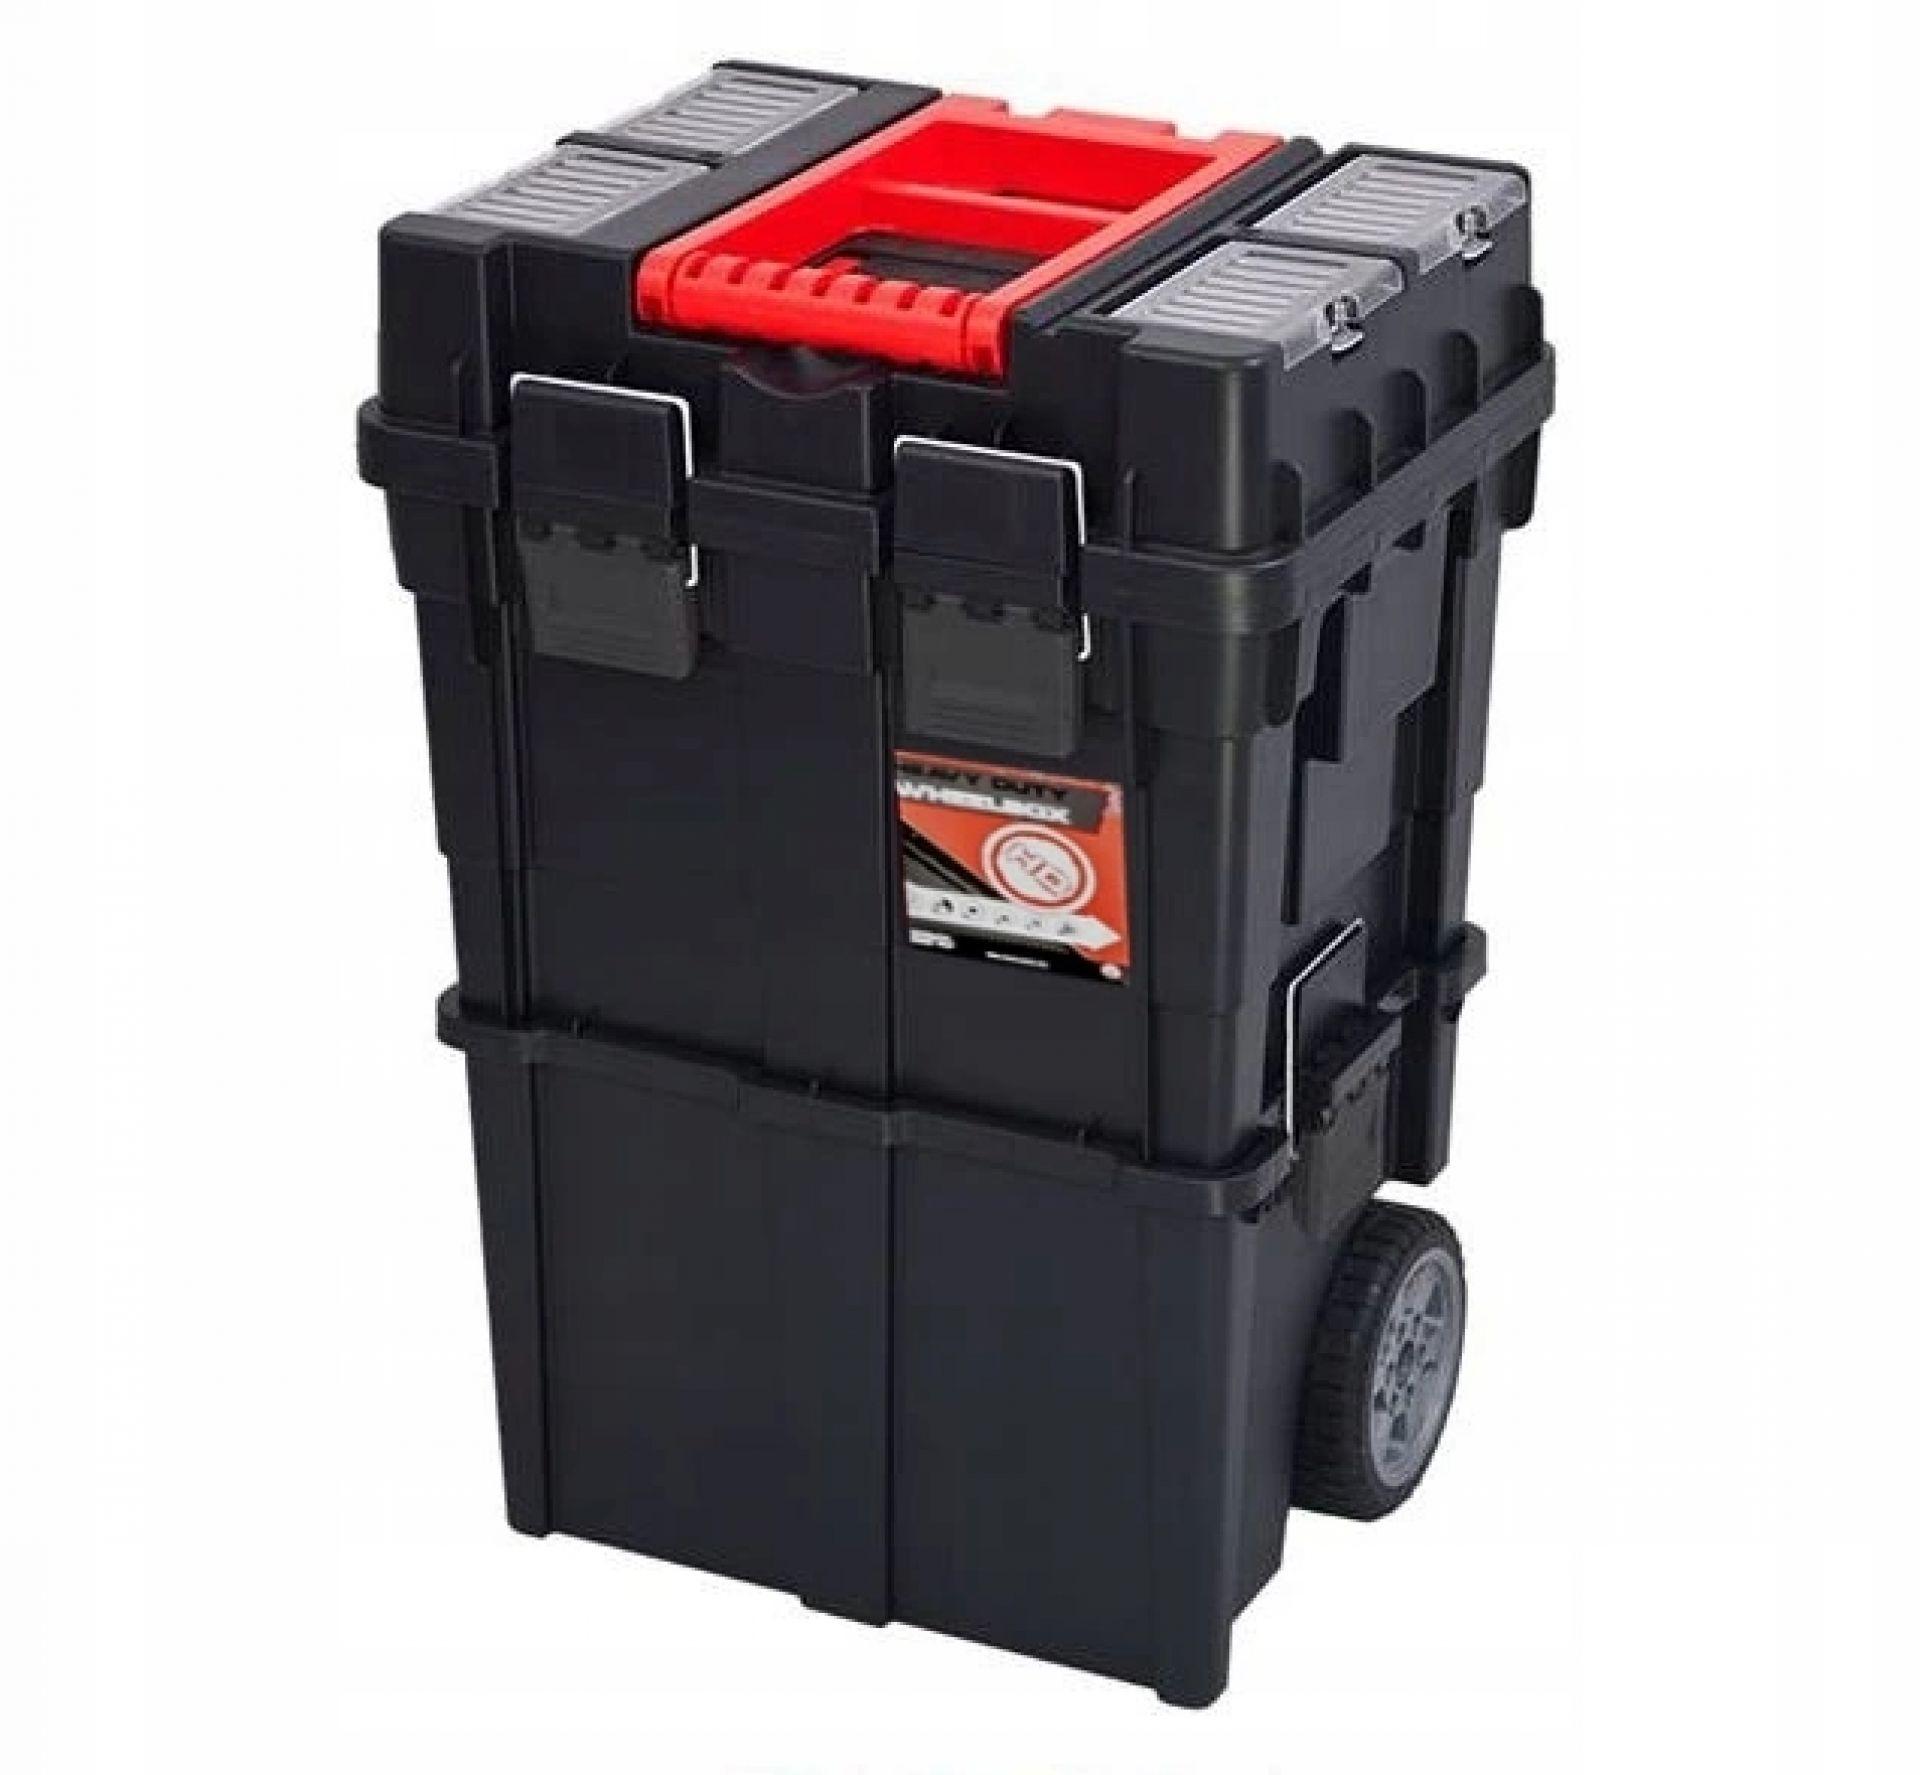 Organizer skrzynka narzędziowa na kółkach Wheelbox HD Compact